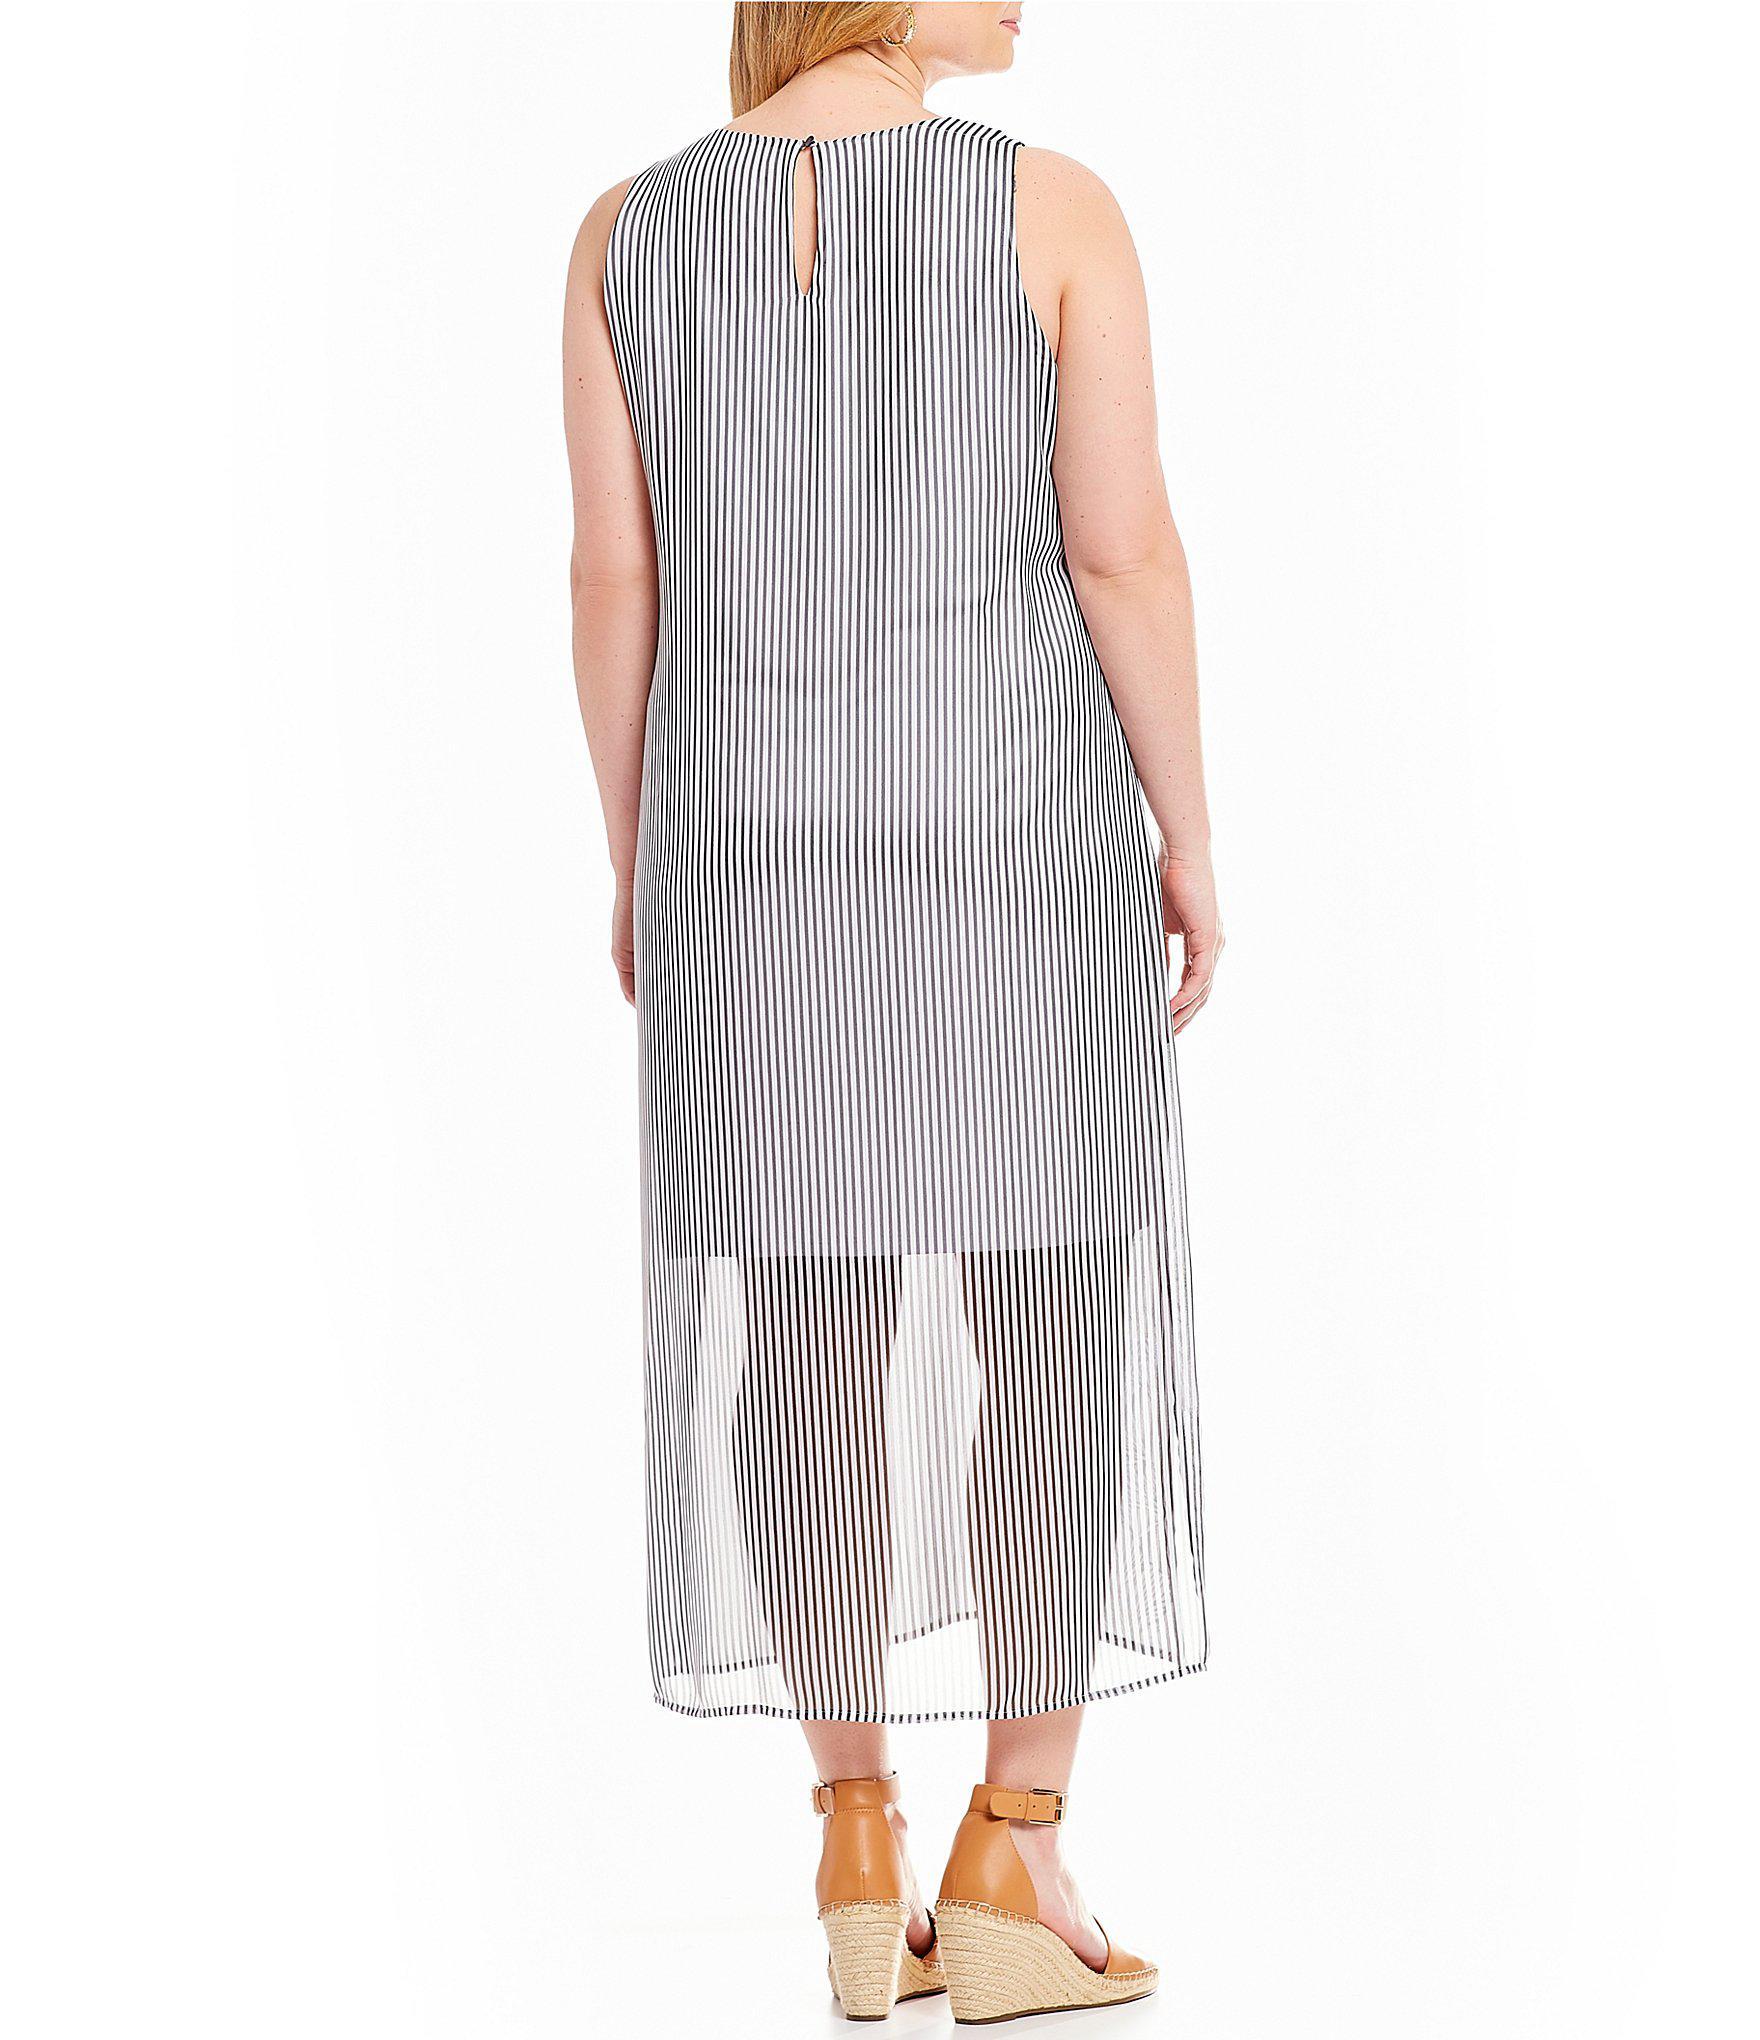 508bf3de463 Lyst - Vince Camuto Plus Size Island Floral Maxi Dress